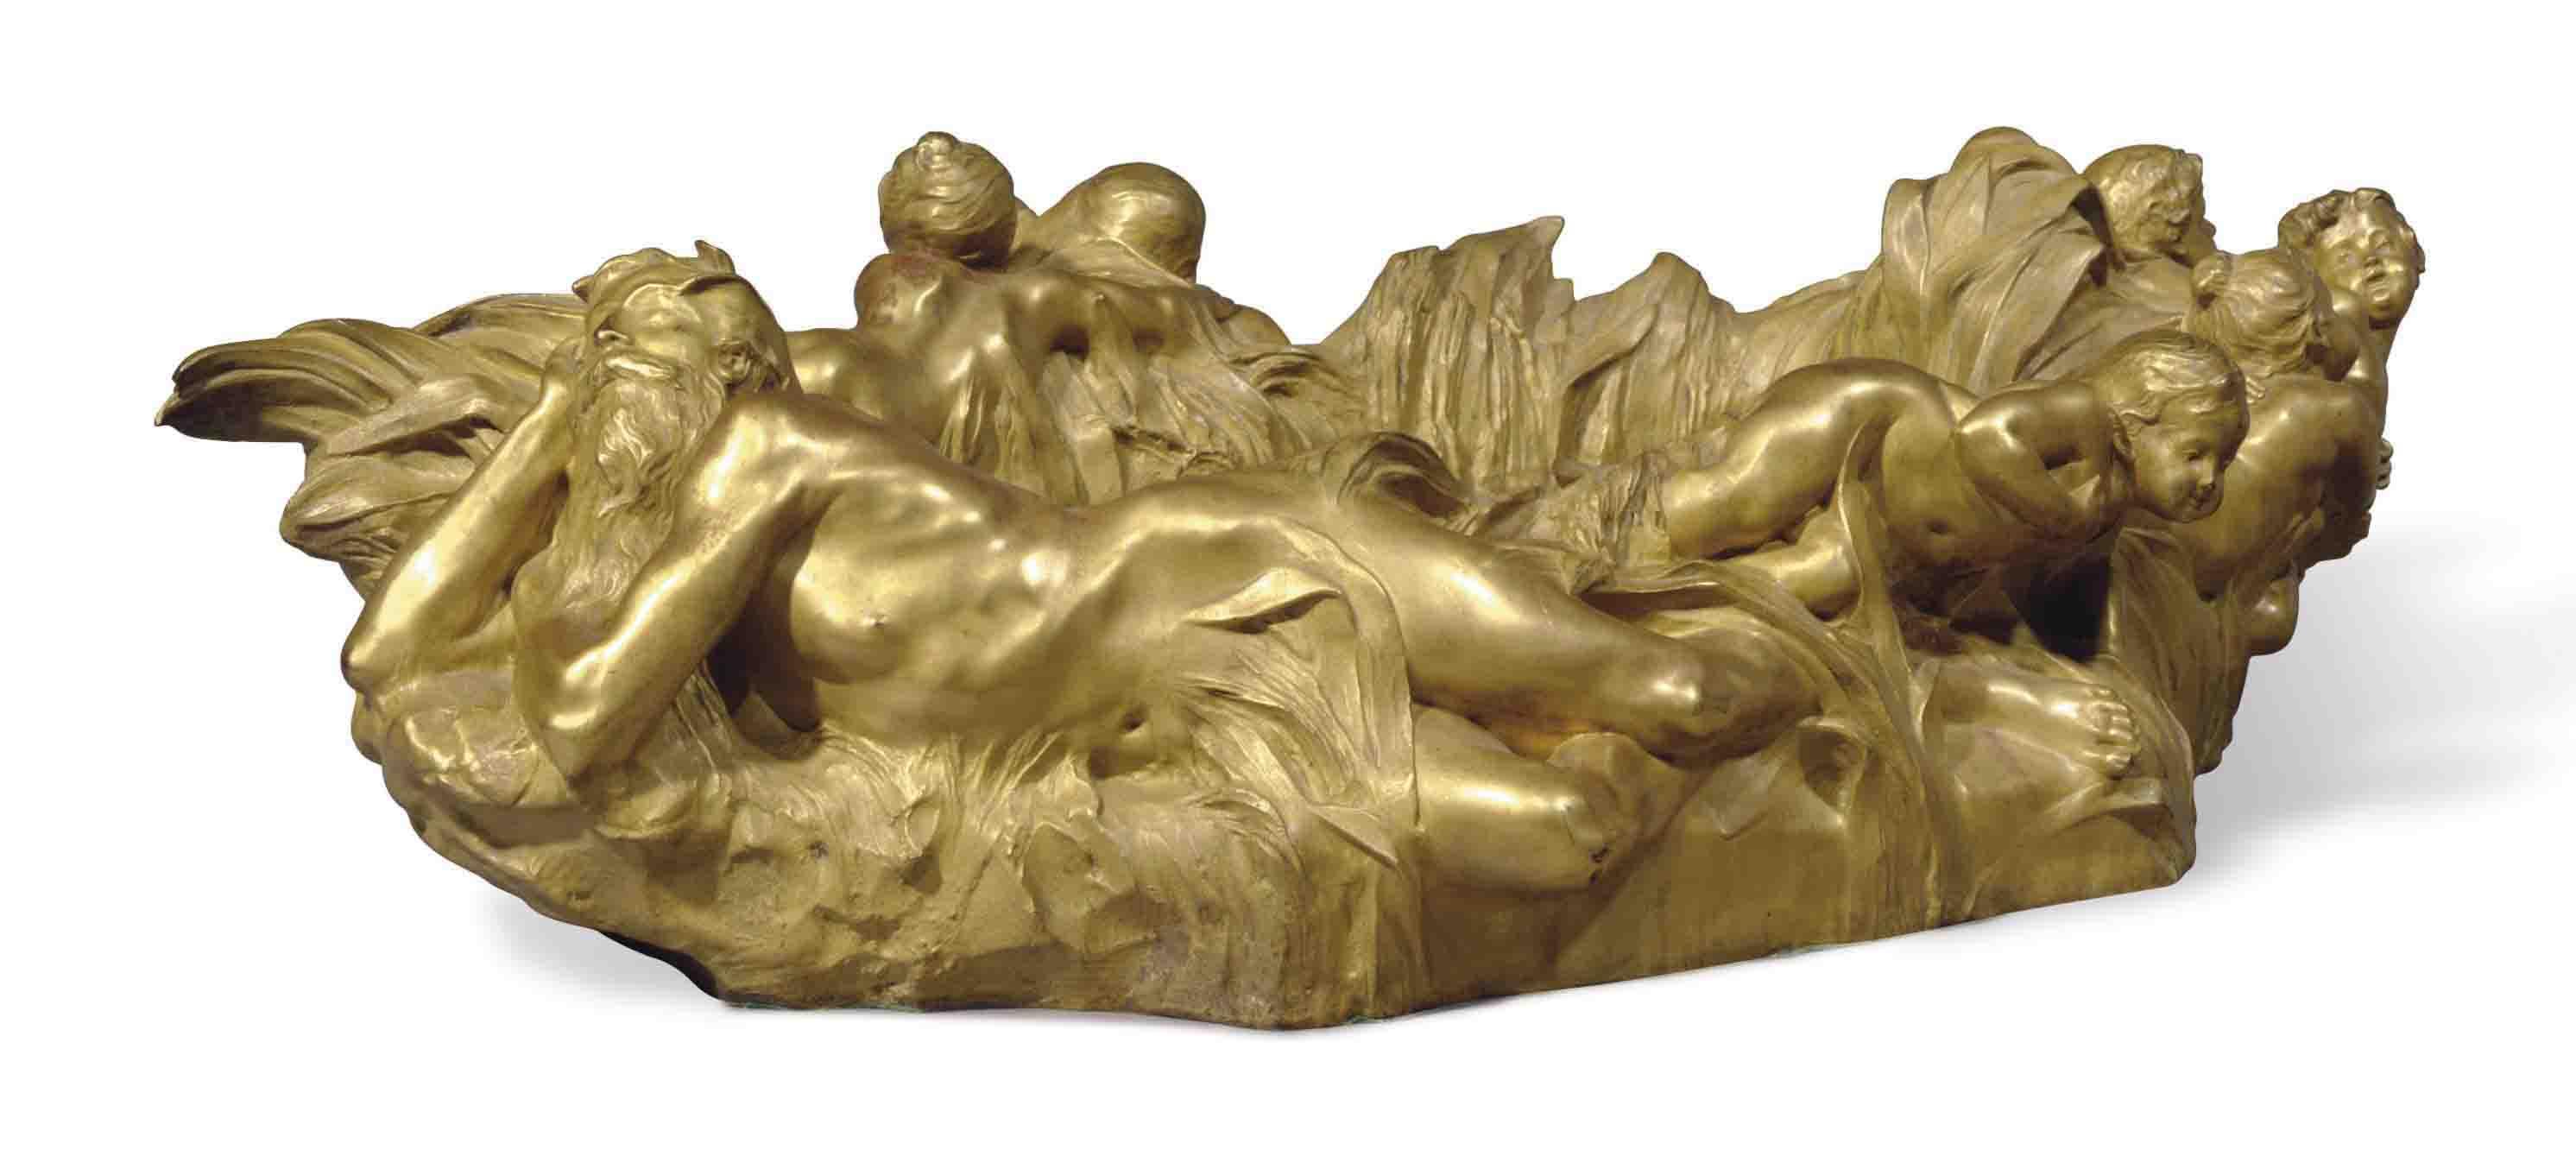 A FRENCH ART NOUVEAU GILT-BRONZE JARDINIERE